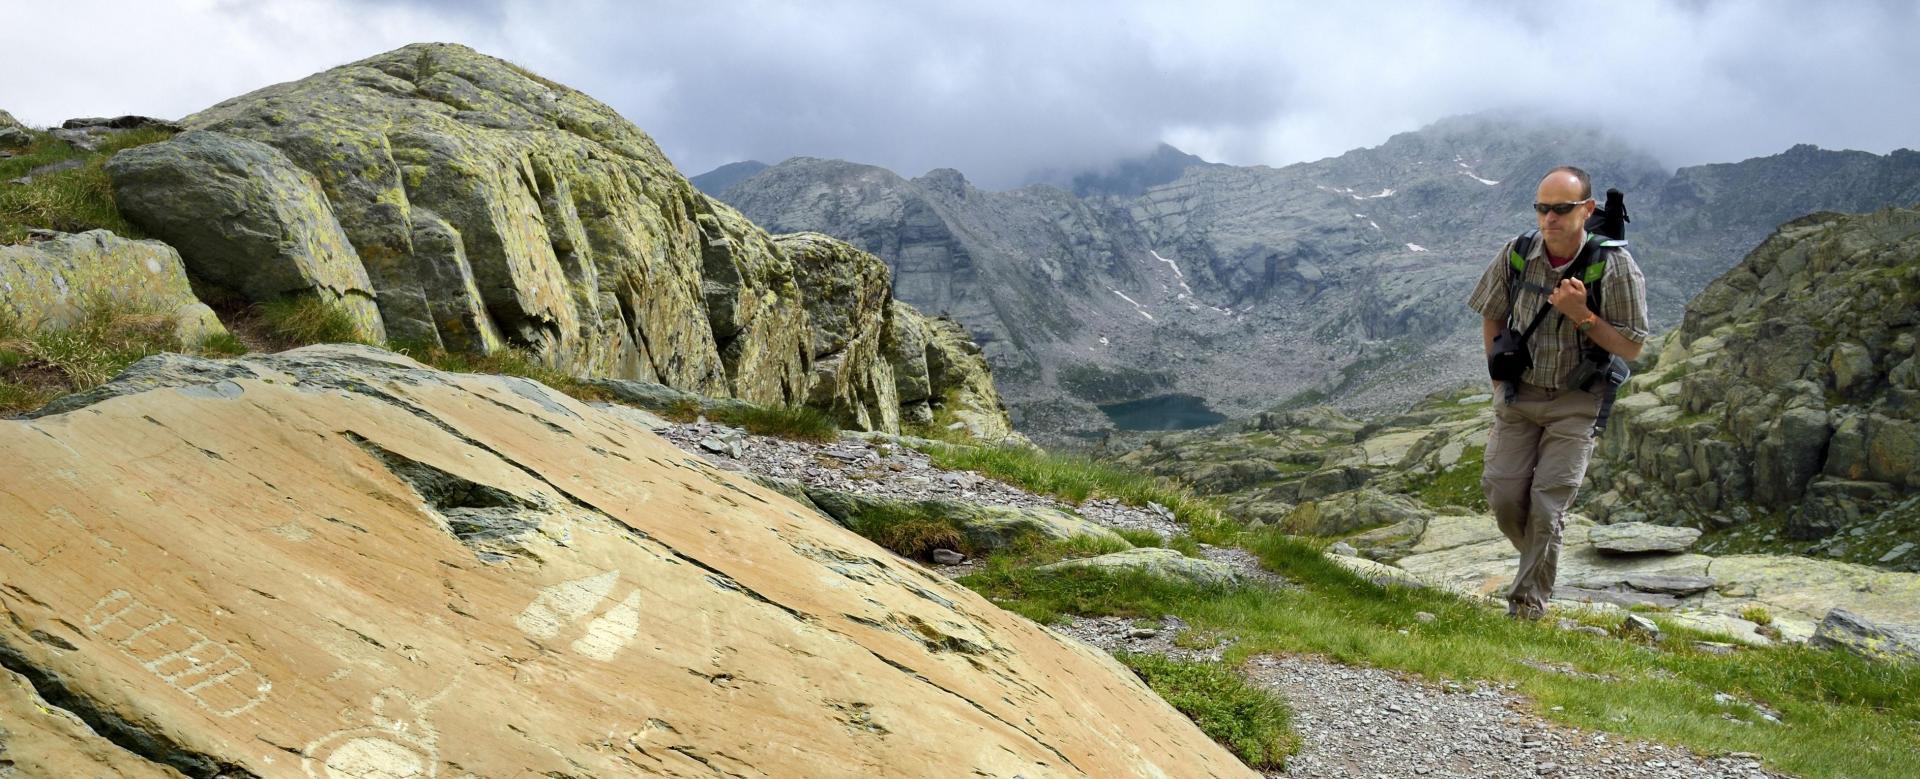 Voyage à pied : Mercantour et vallée des merveilles